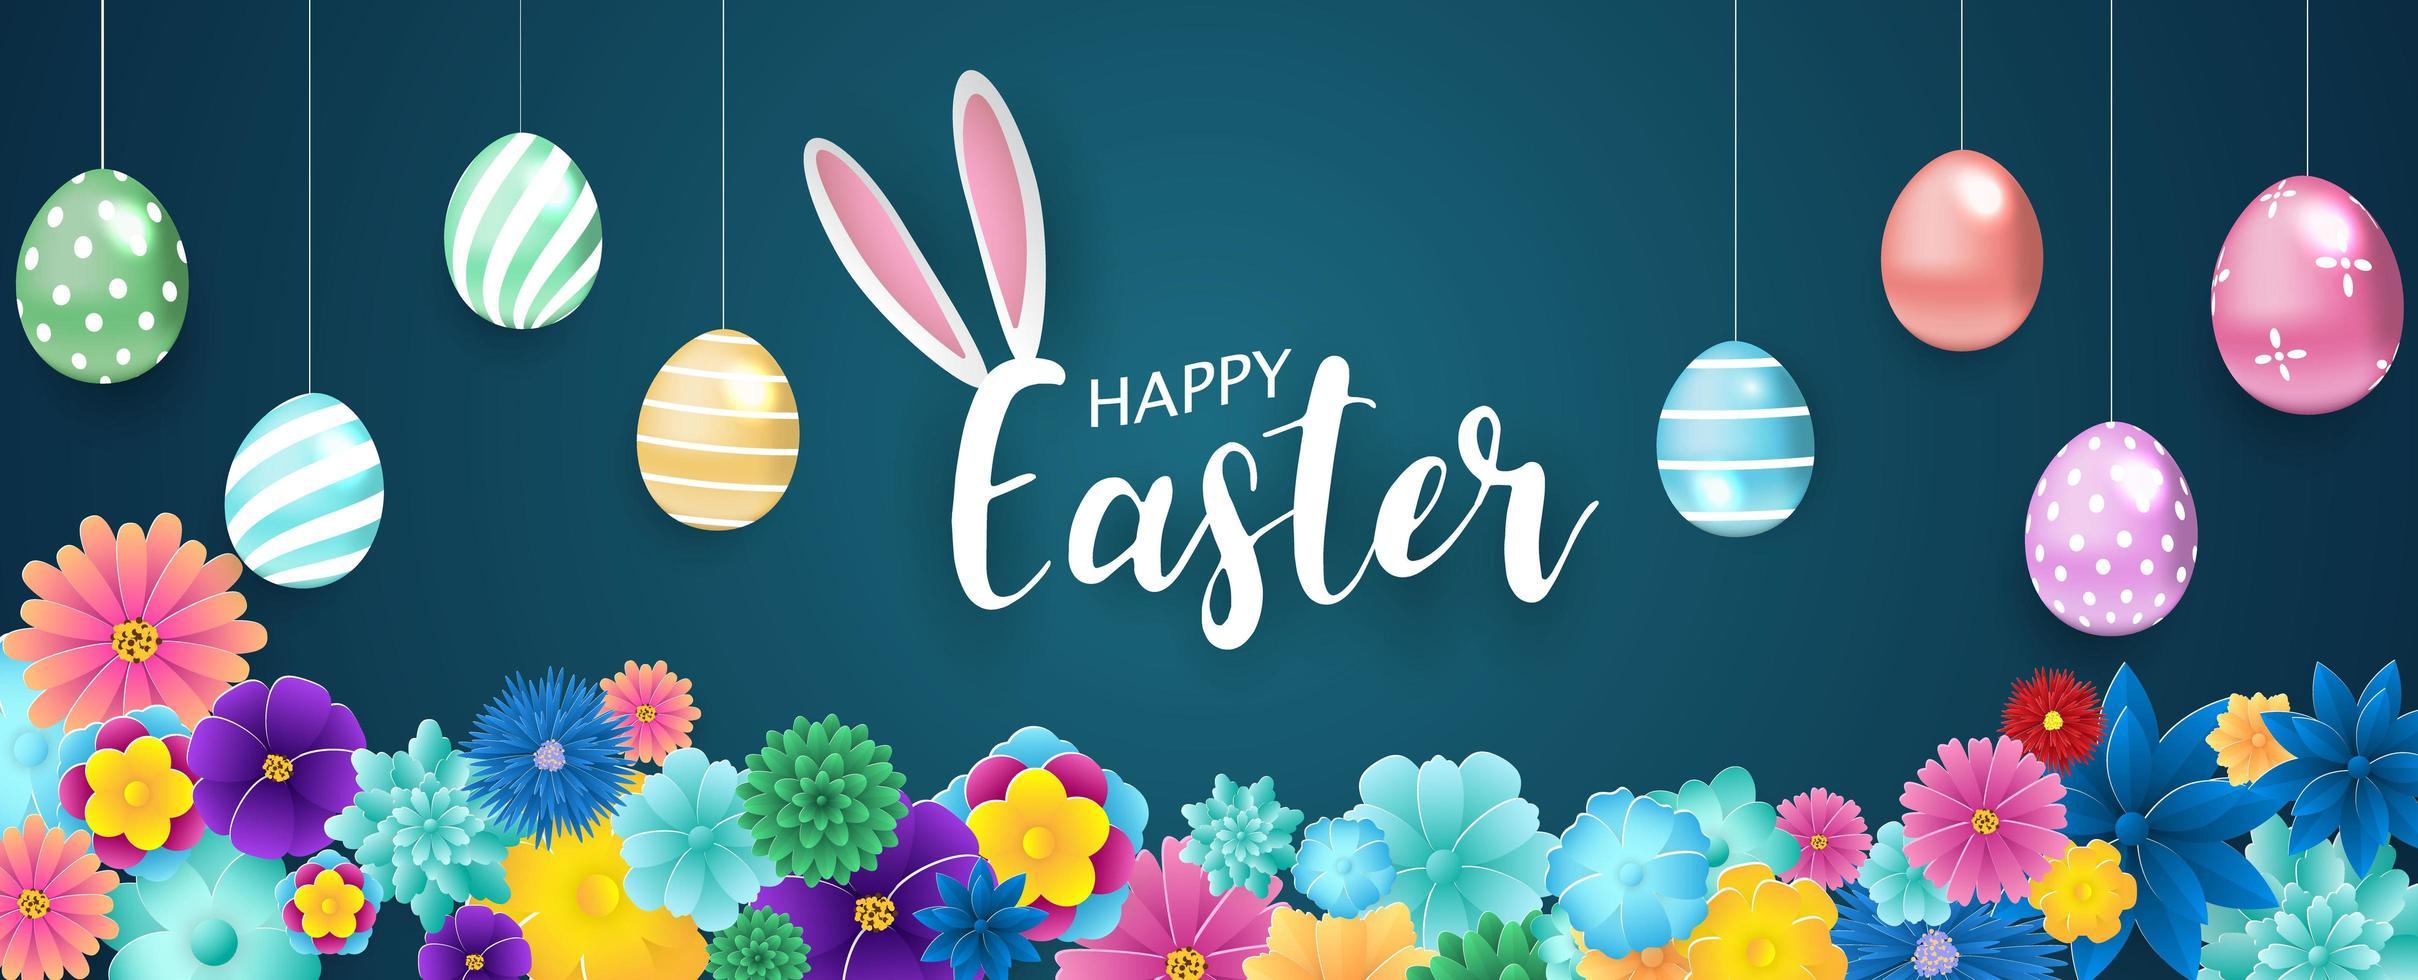 Happy Easter-achtergrond met hangende eieren vector